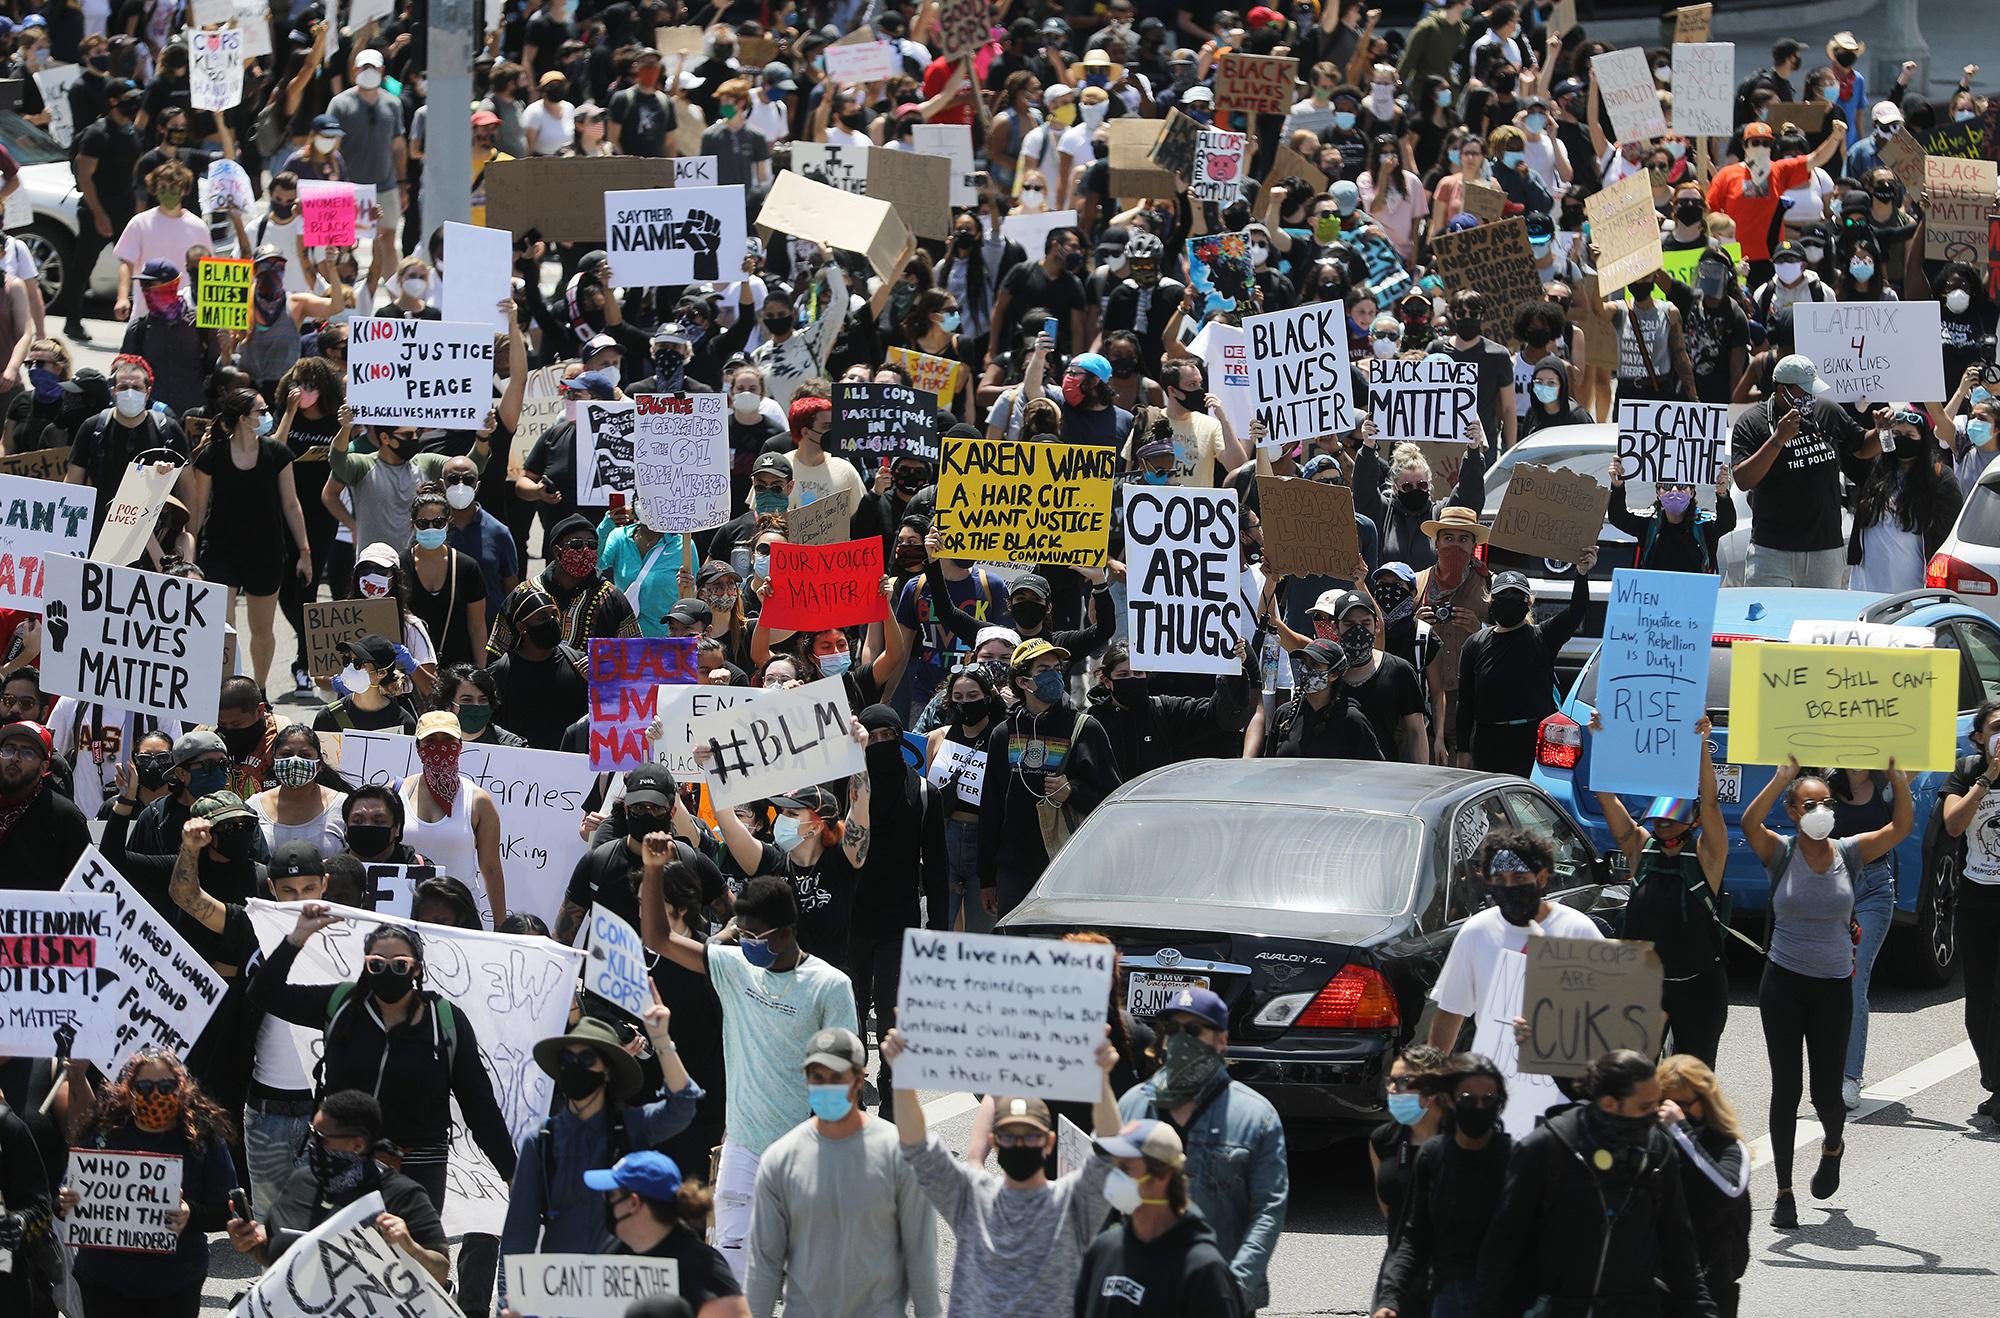 Протест #BlackLivesMatter вЛос-Анджелесе, 30 мая